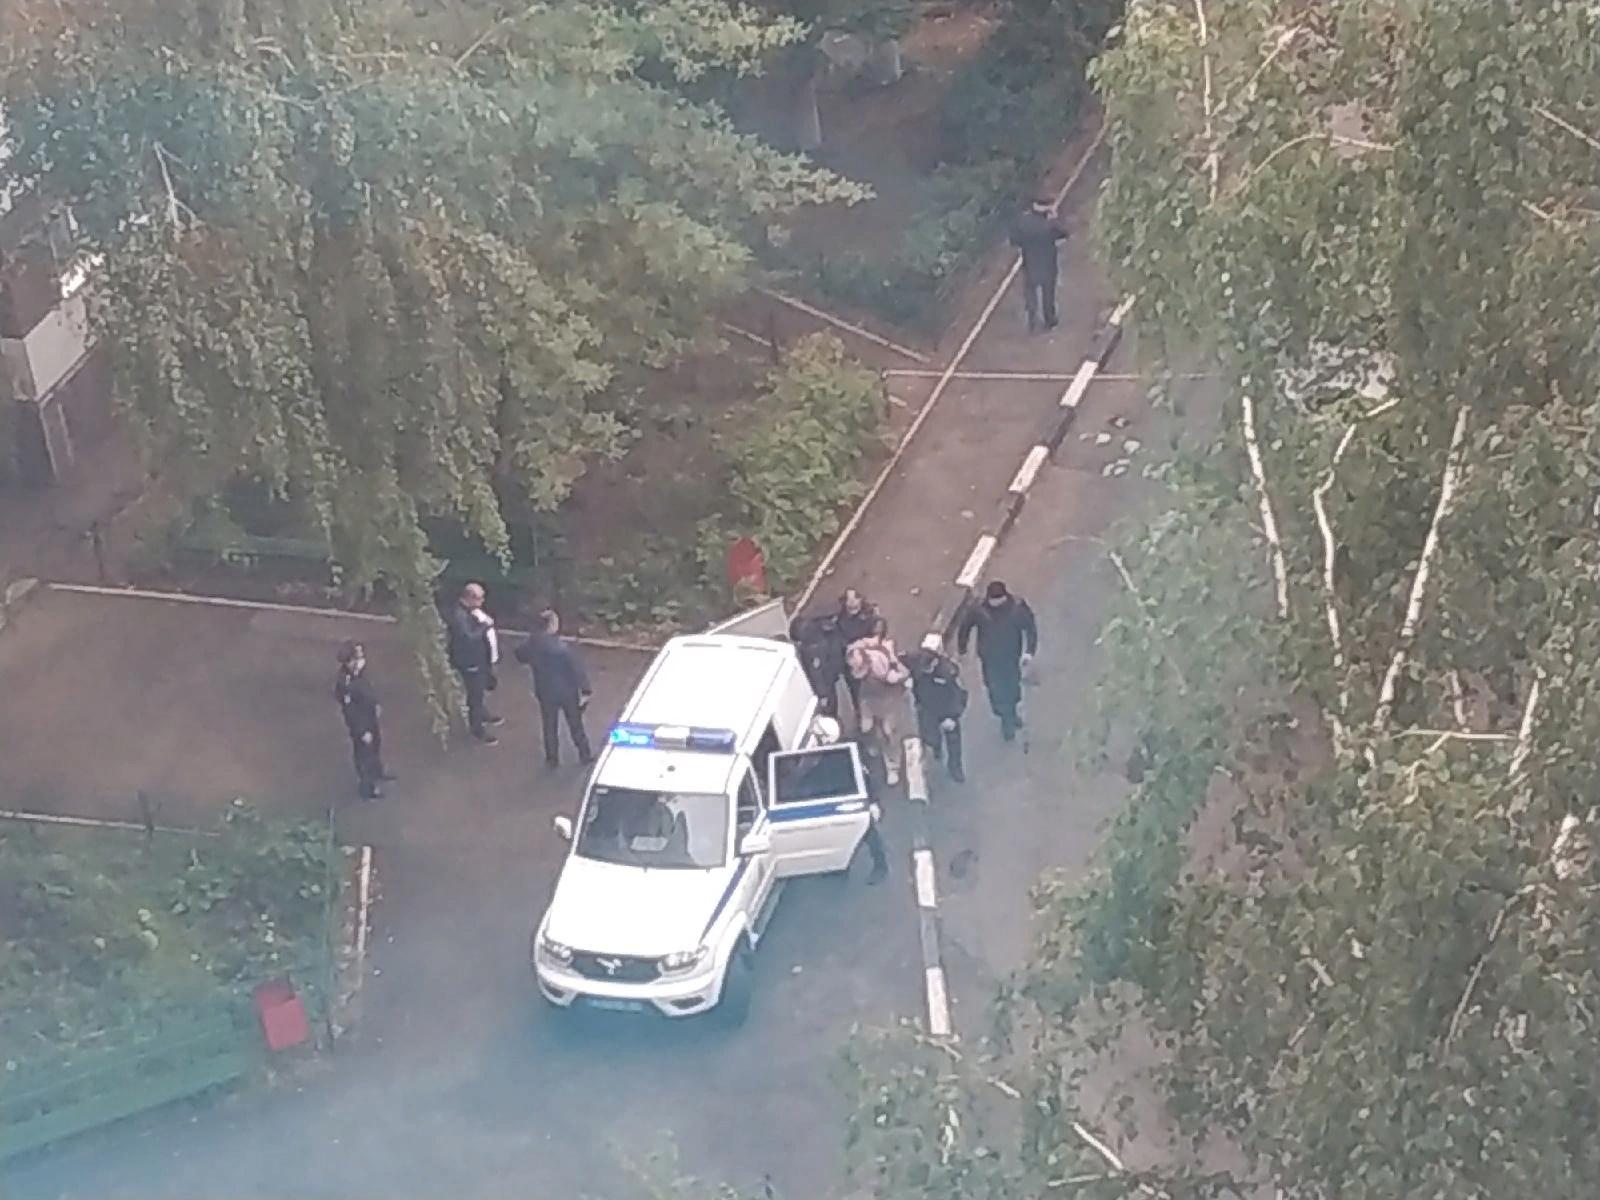 В Тольятти оцепили двор из-за стрельбы в квартире | TLT.ru - Новости  Тольятти